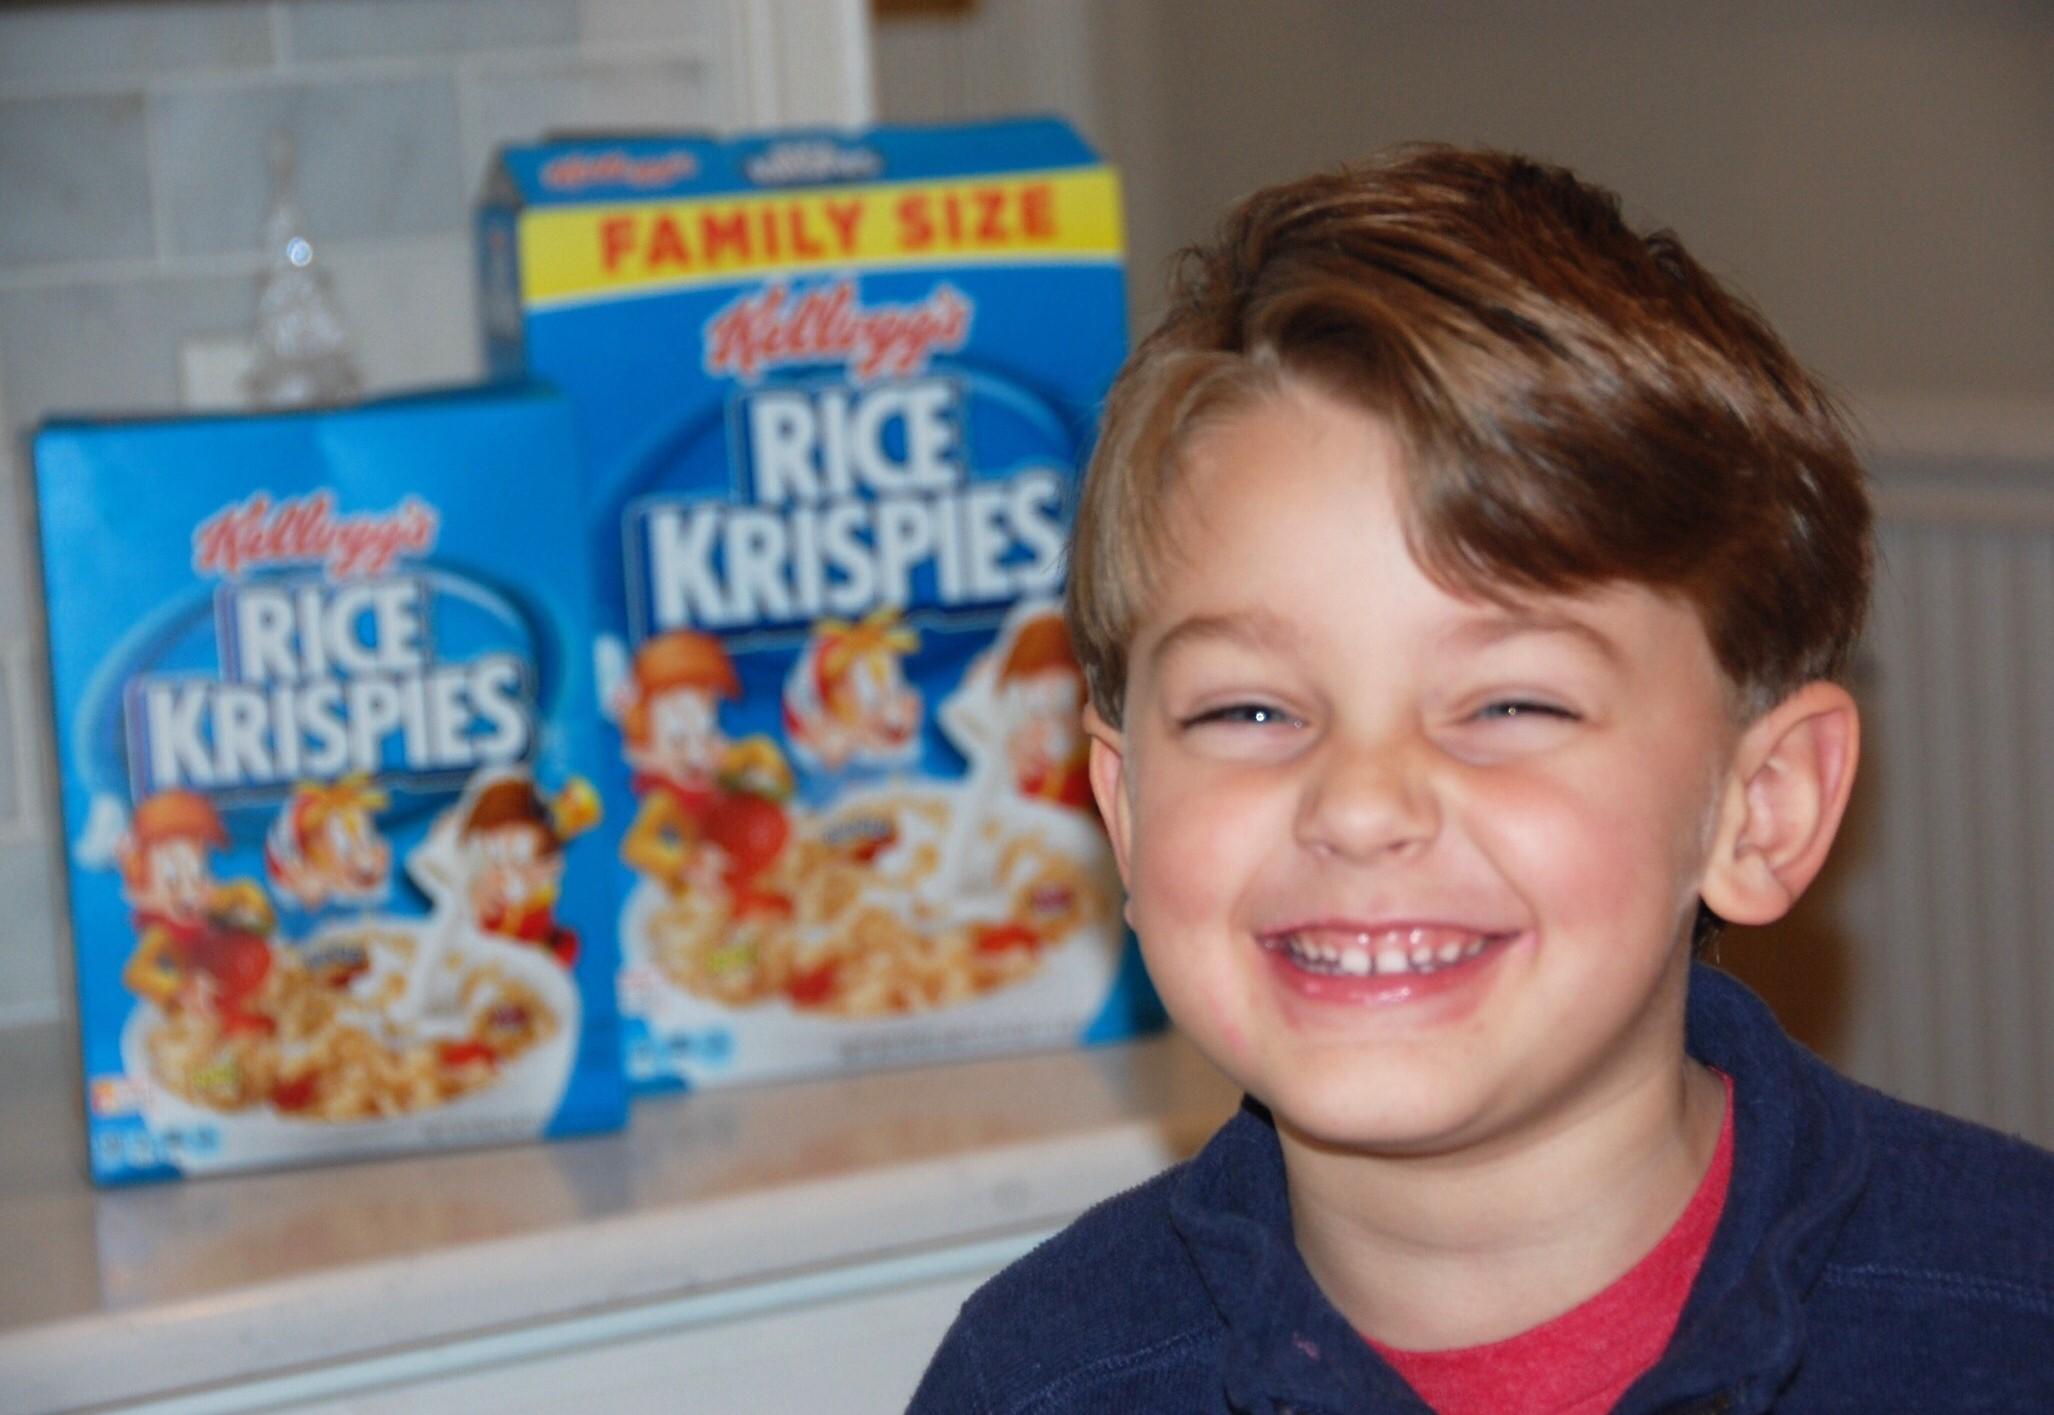 Knox Bishop Rice Krispies Treats